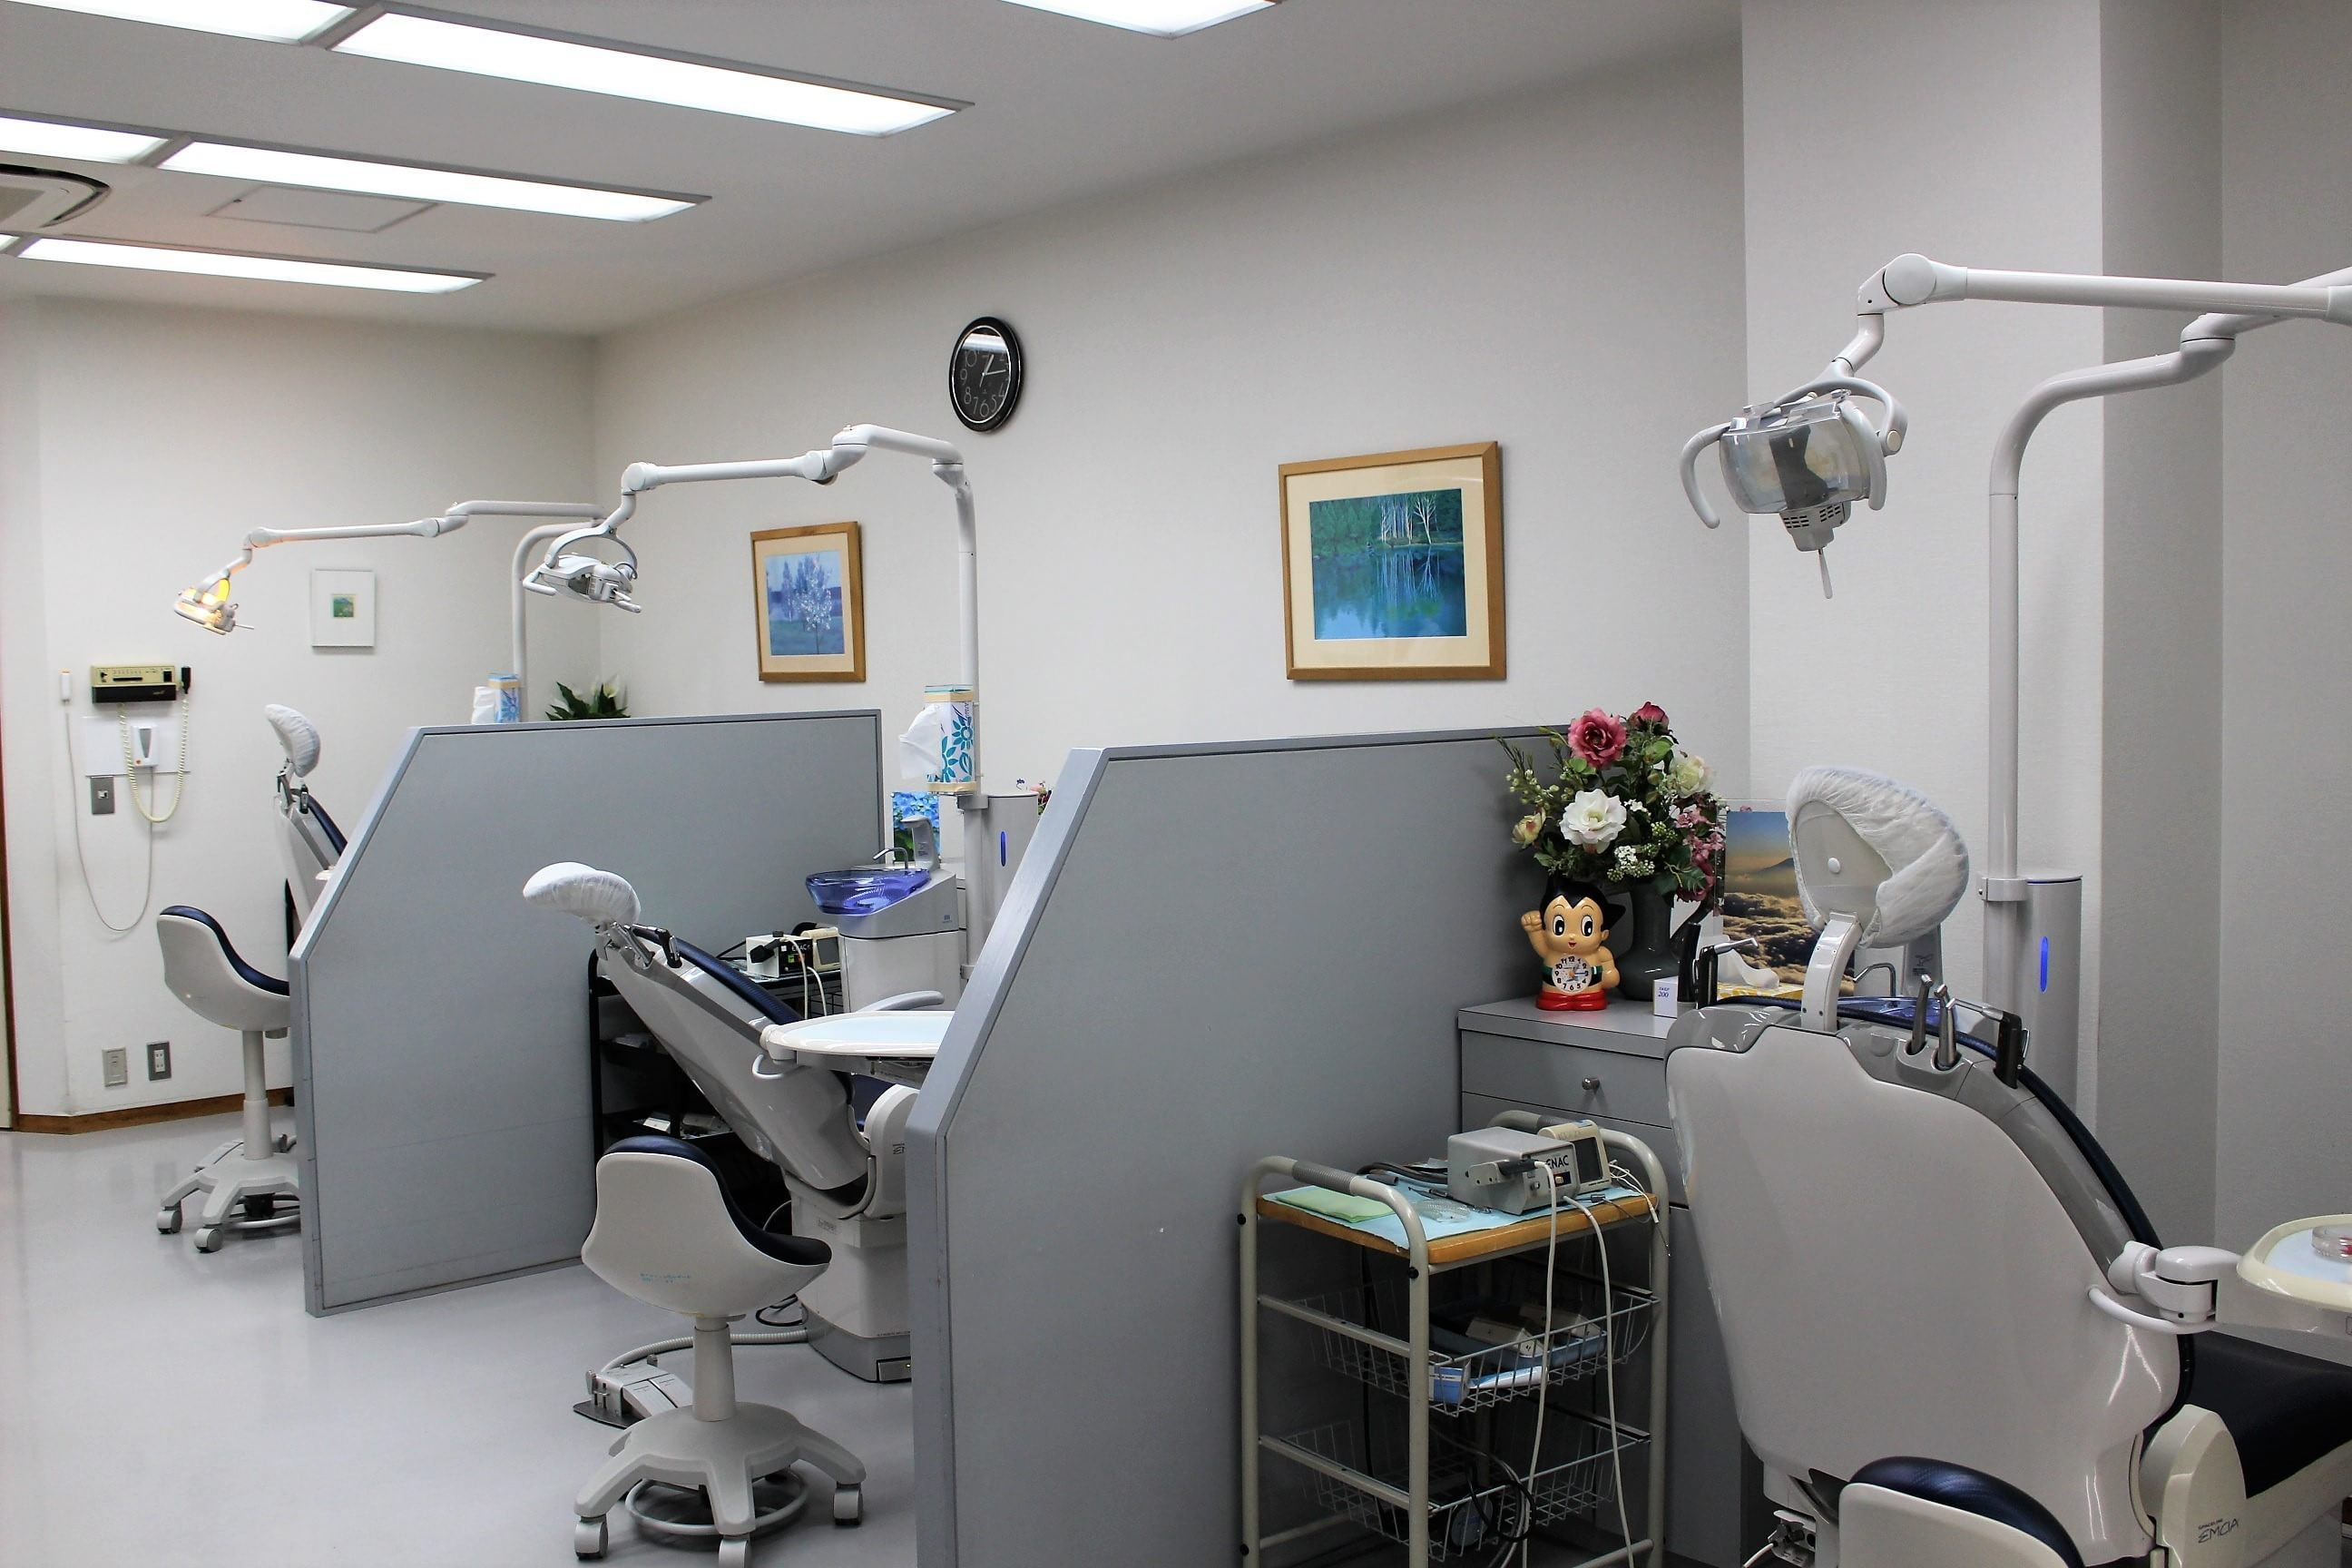 【静岡市:静岡駅 徒歩5分】 ヤマダ歯科の治療台写真3